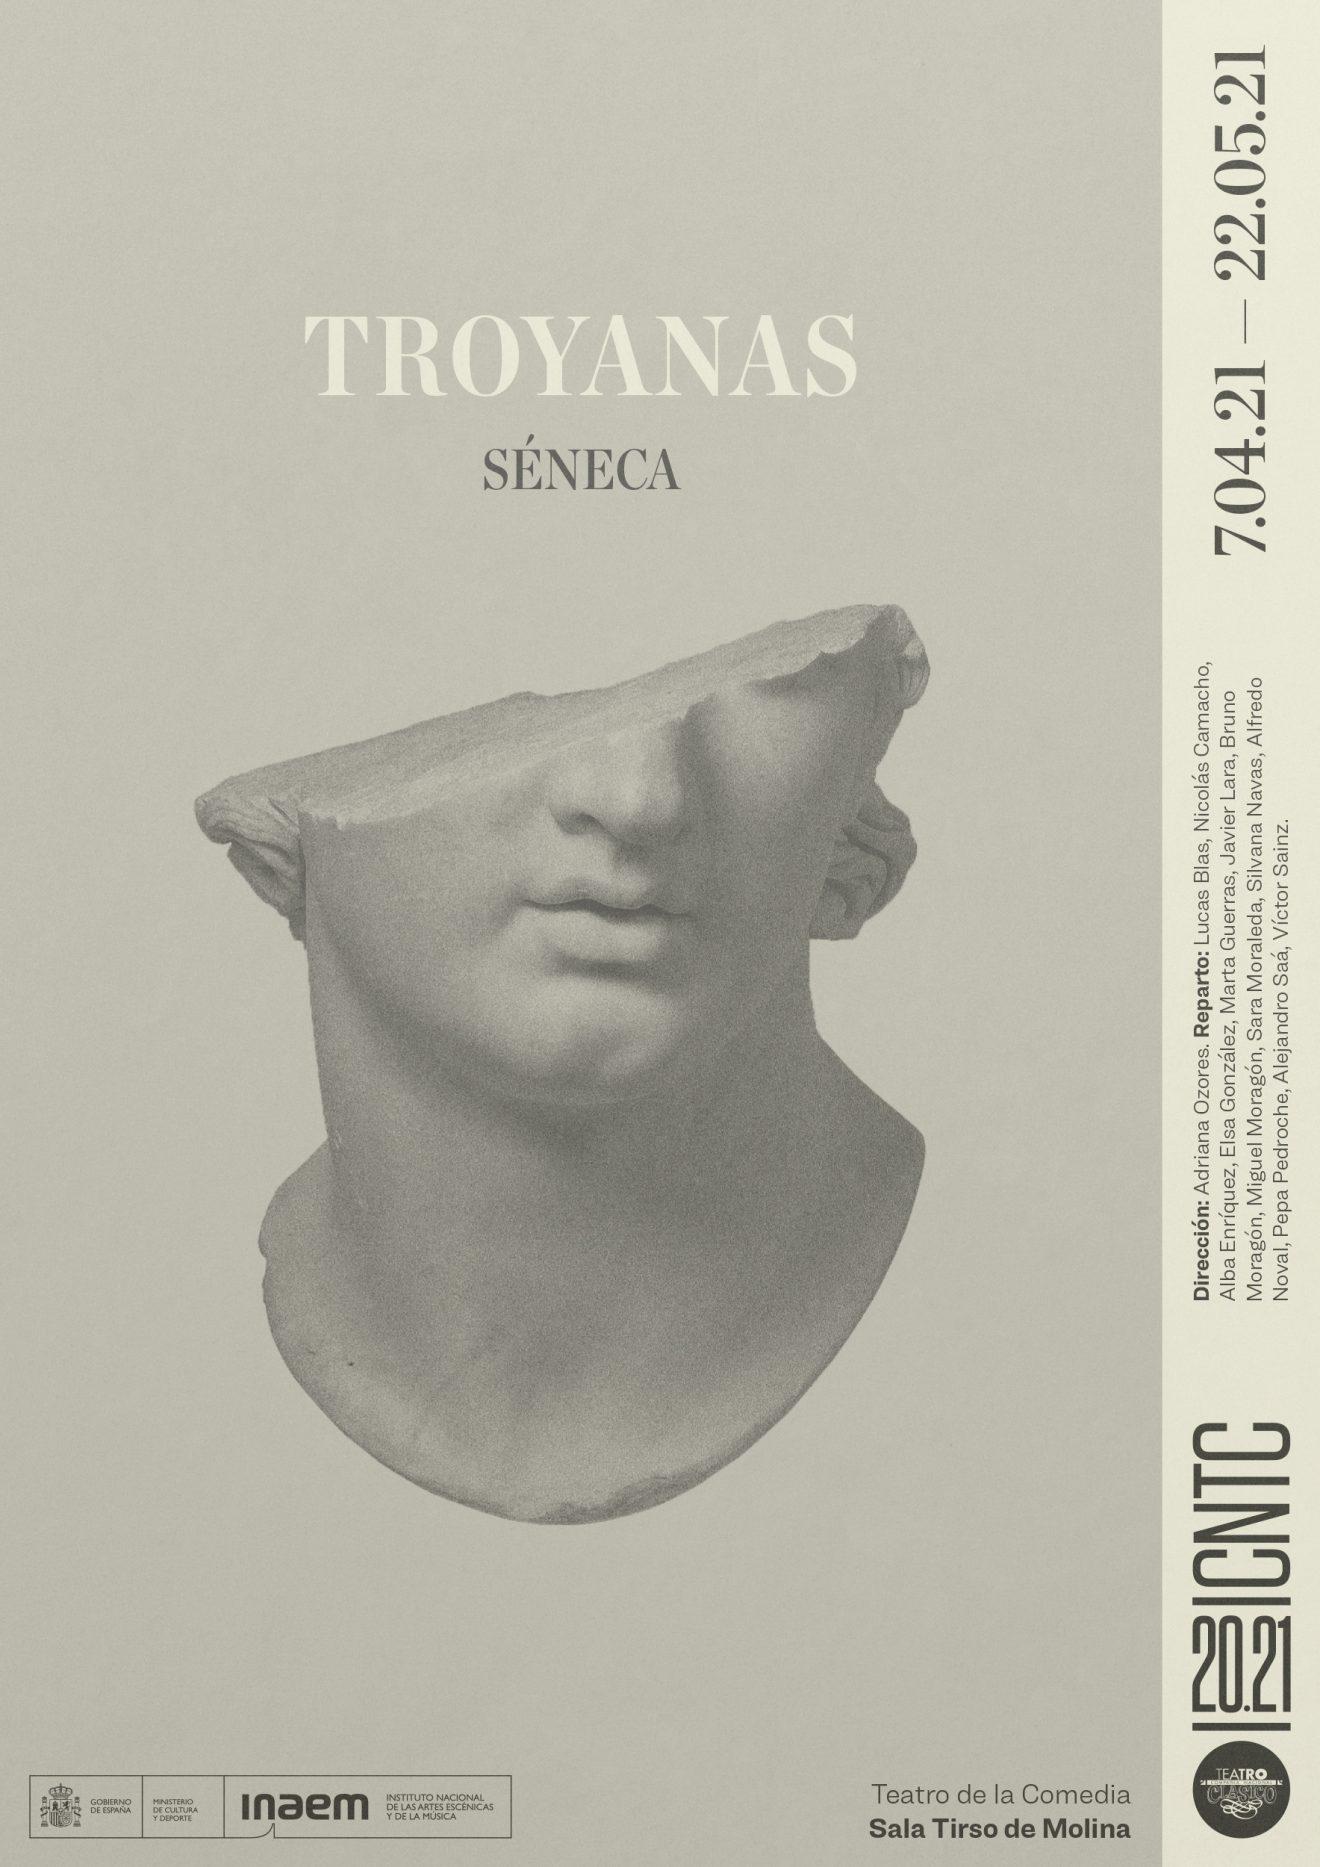 Cartel troyanas